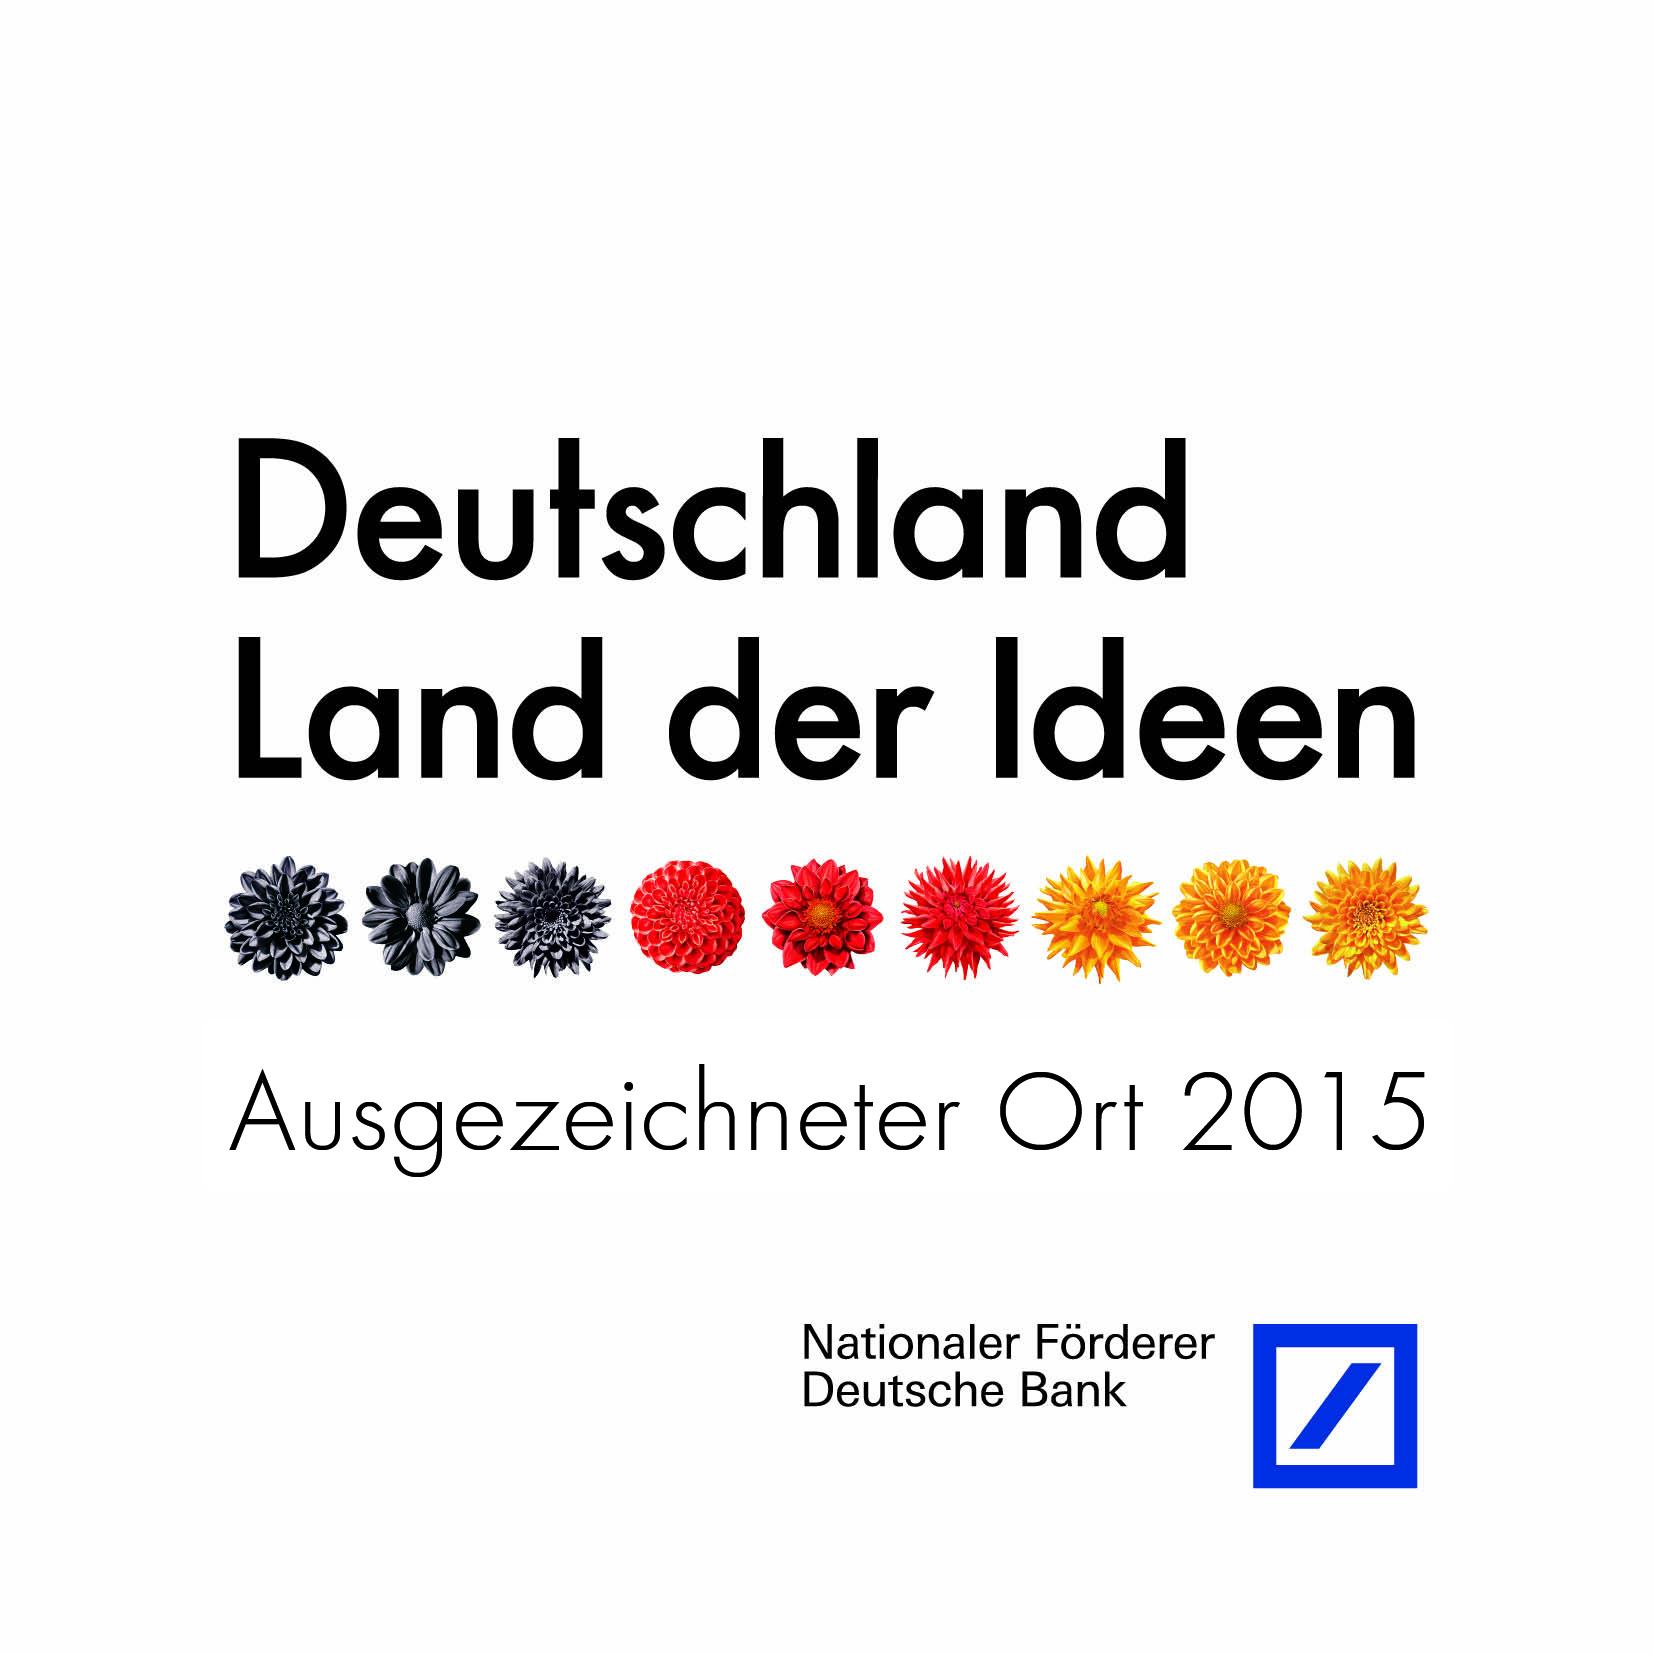 Ausgezeichneter Ort - Deutschland, Land der Ideen